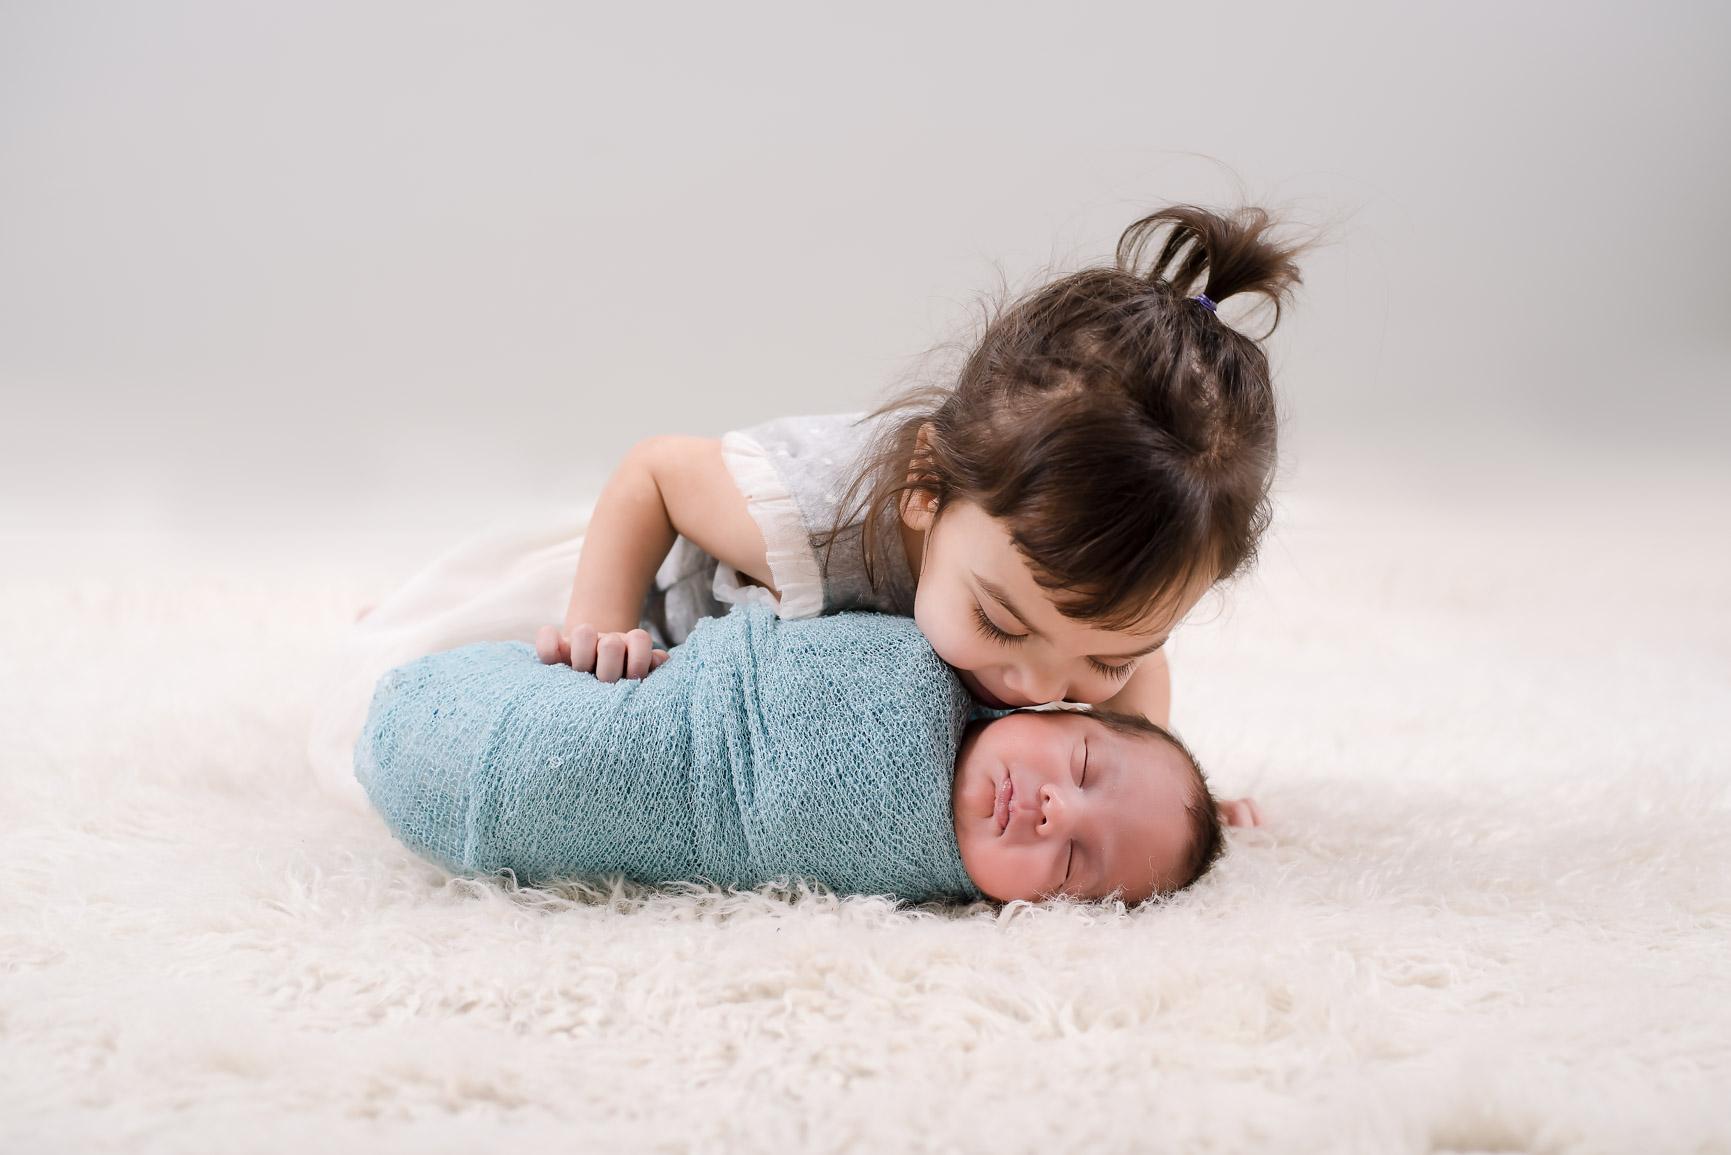 Baby AmreenDSC_5781-Edit.jpg